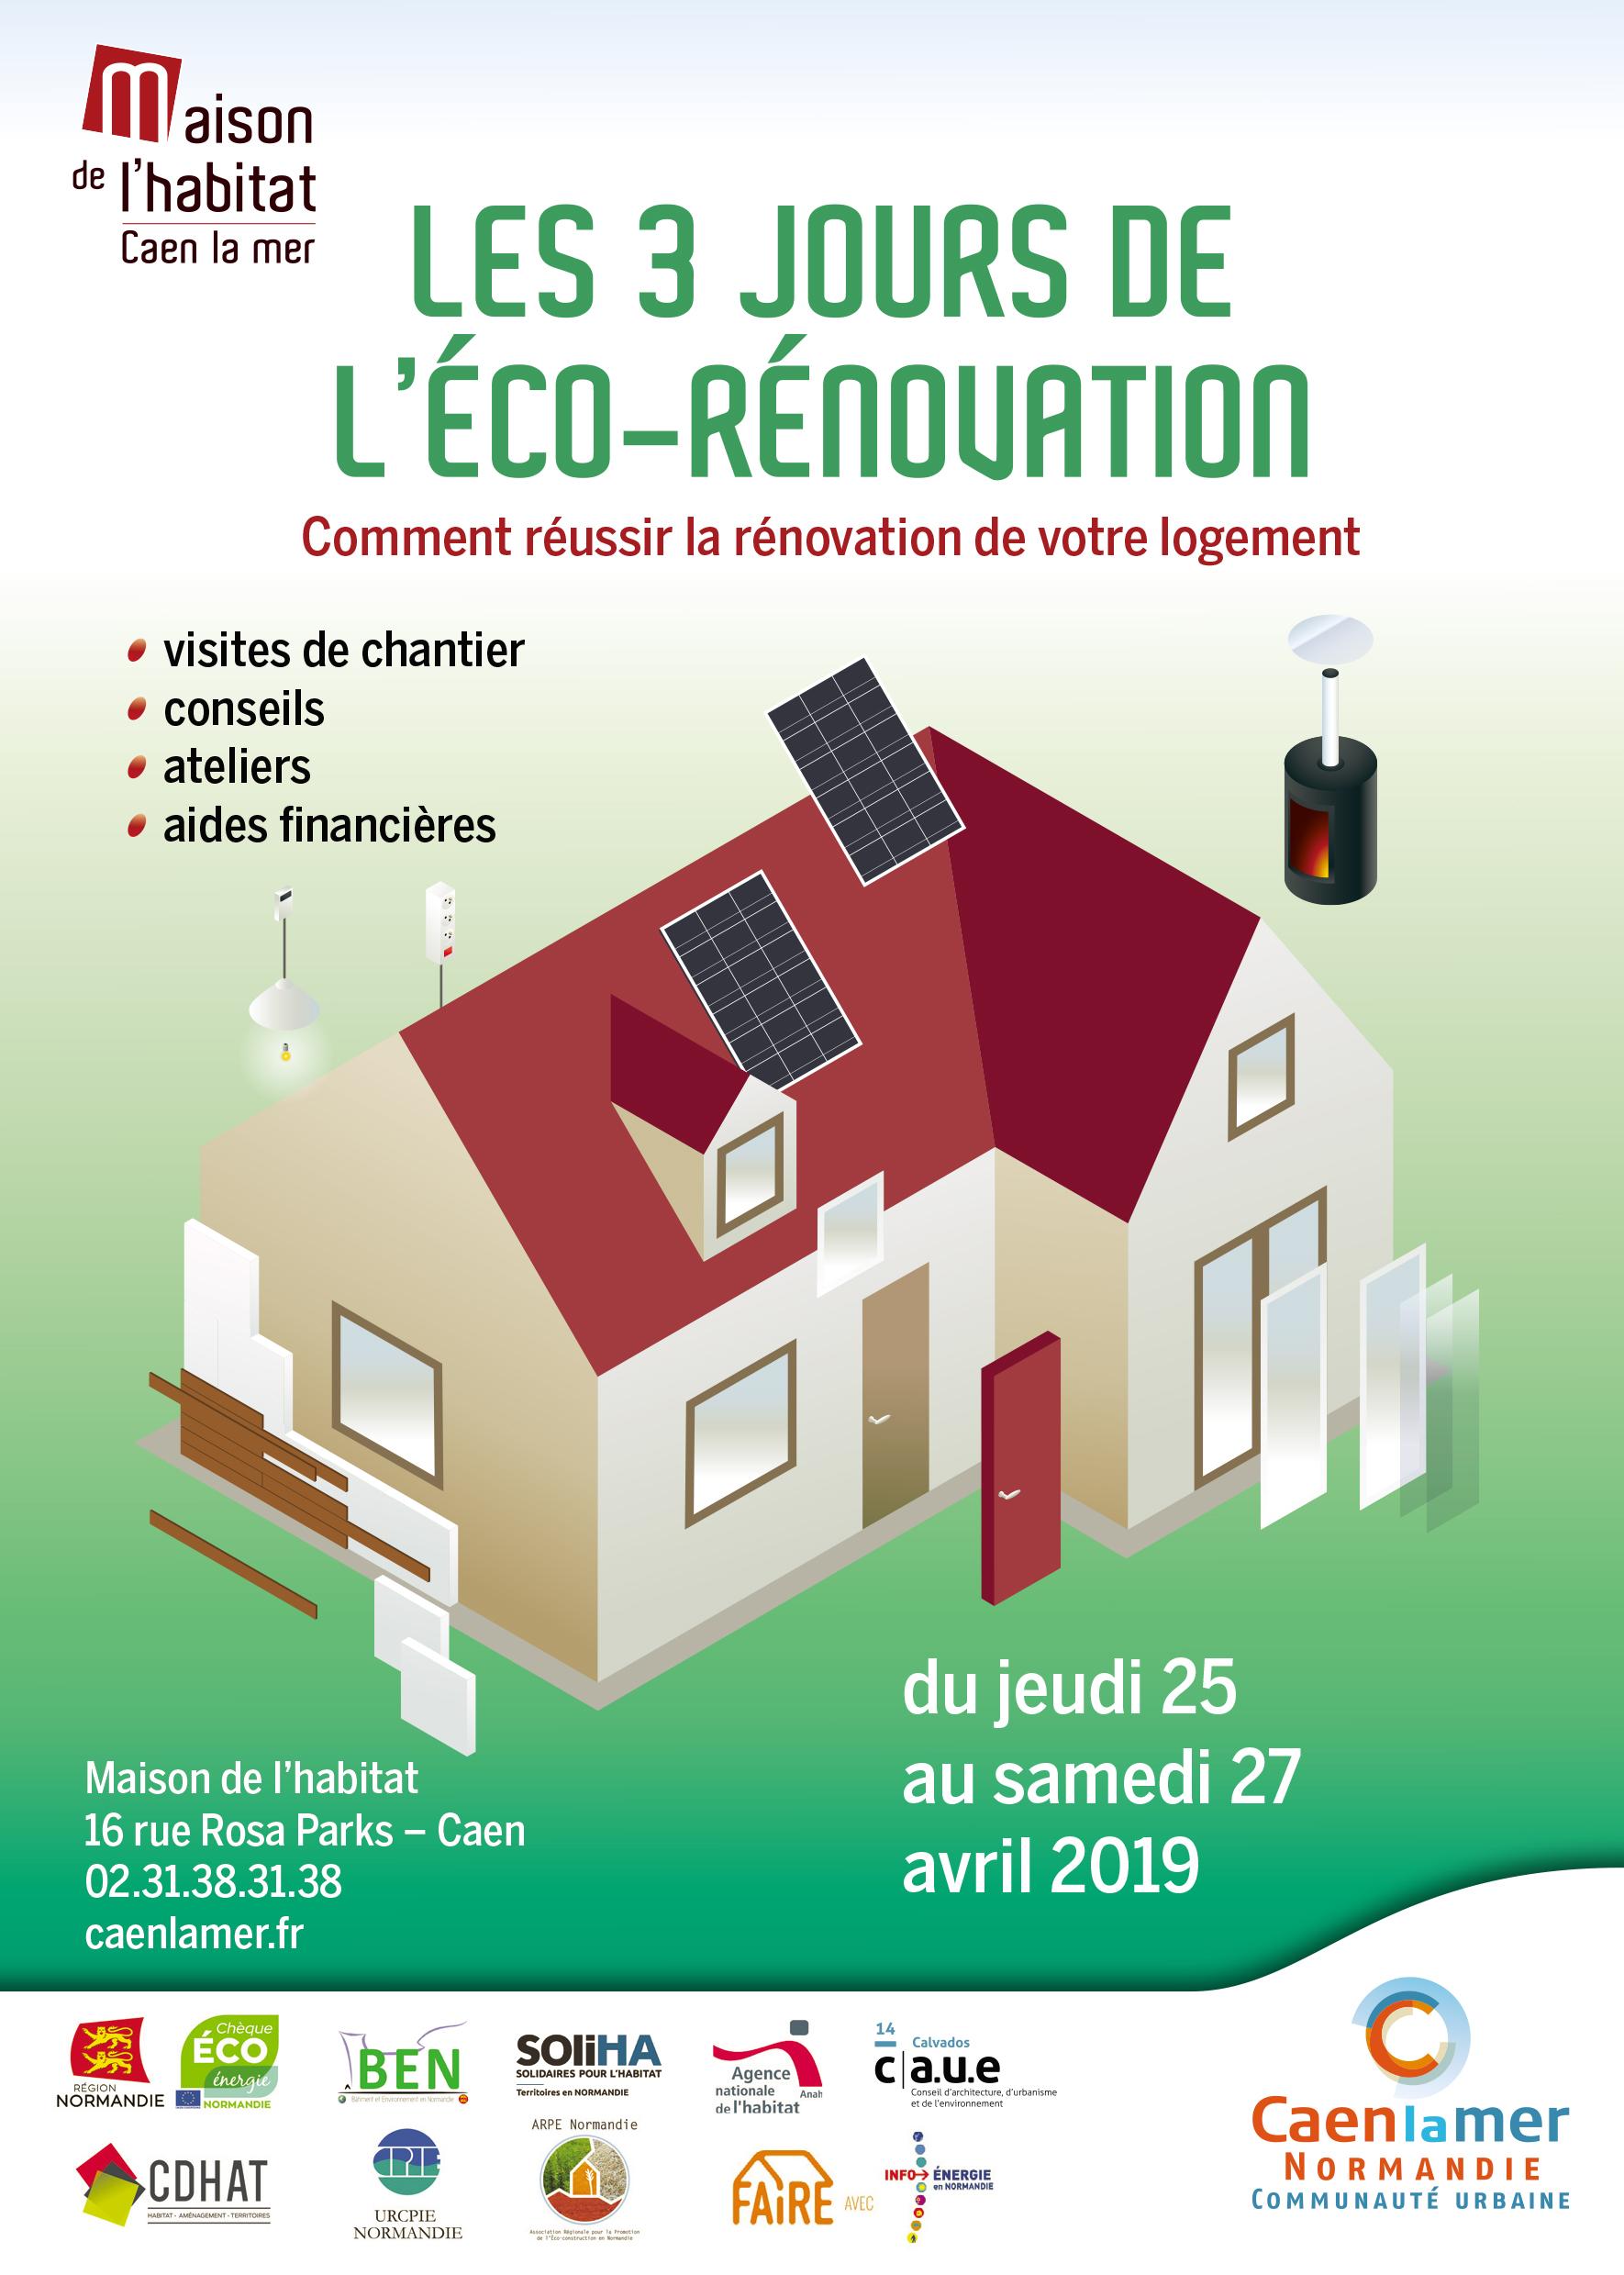 [EVENEMENT] Les 3 jours de l'éco-rénovation du 25 au 27 avril 2019